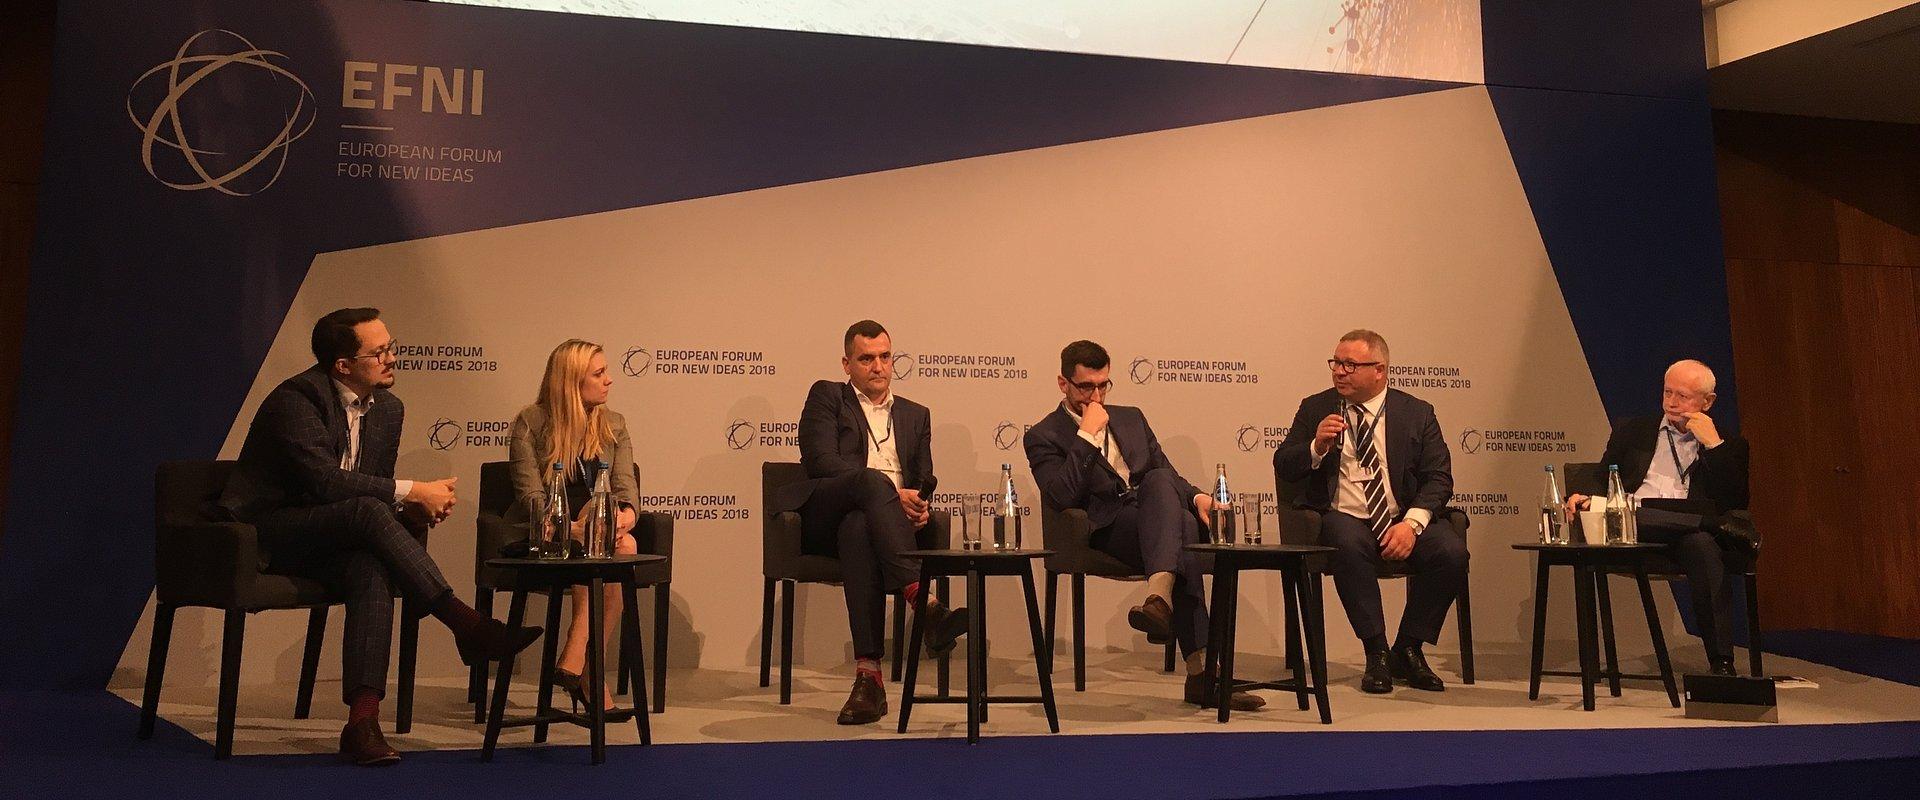 Adamed Na Europejskim Forum Nowych Idei (EFNI)